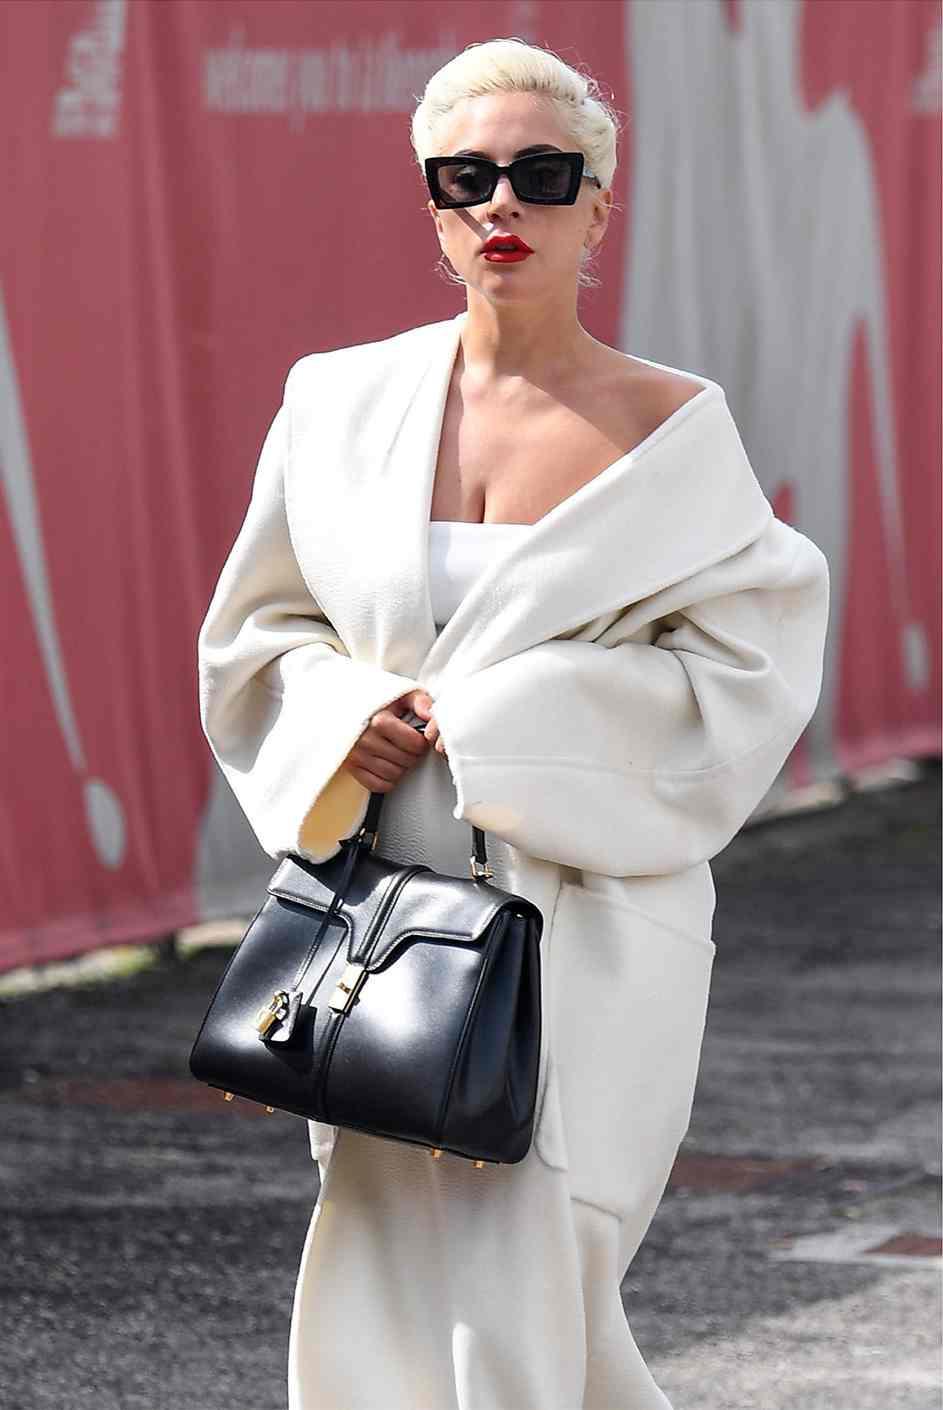 Lady Gaga là người đầu tiên xách chiếc túi xách 16 của Celine - là sáng tạo từ NTK Hedi Slimane cho Celine được lộ diện.